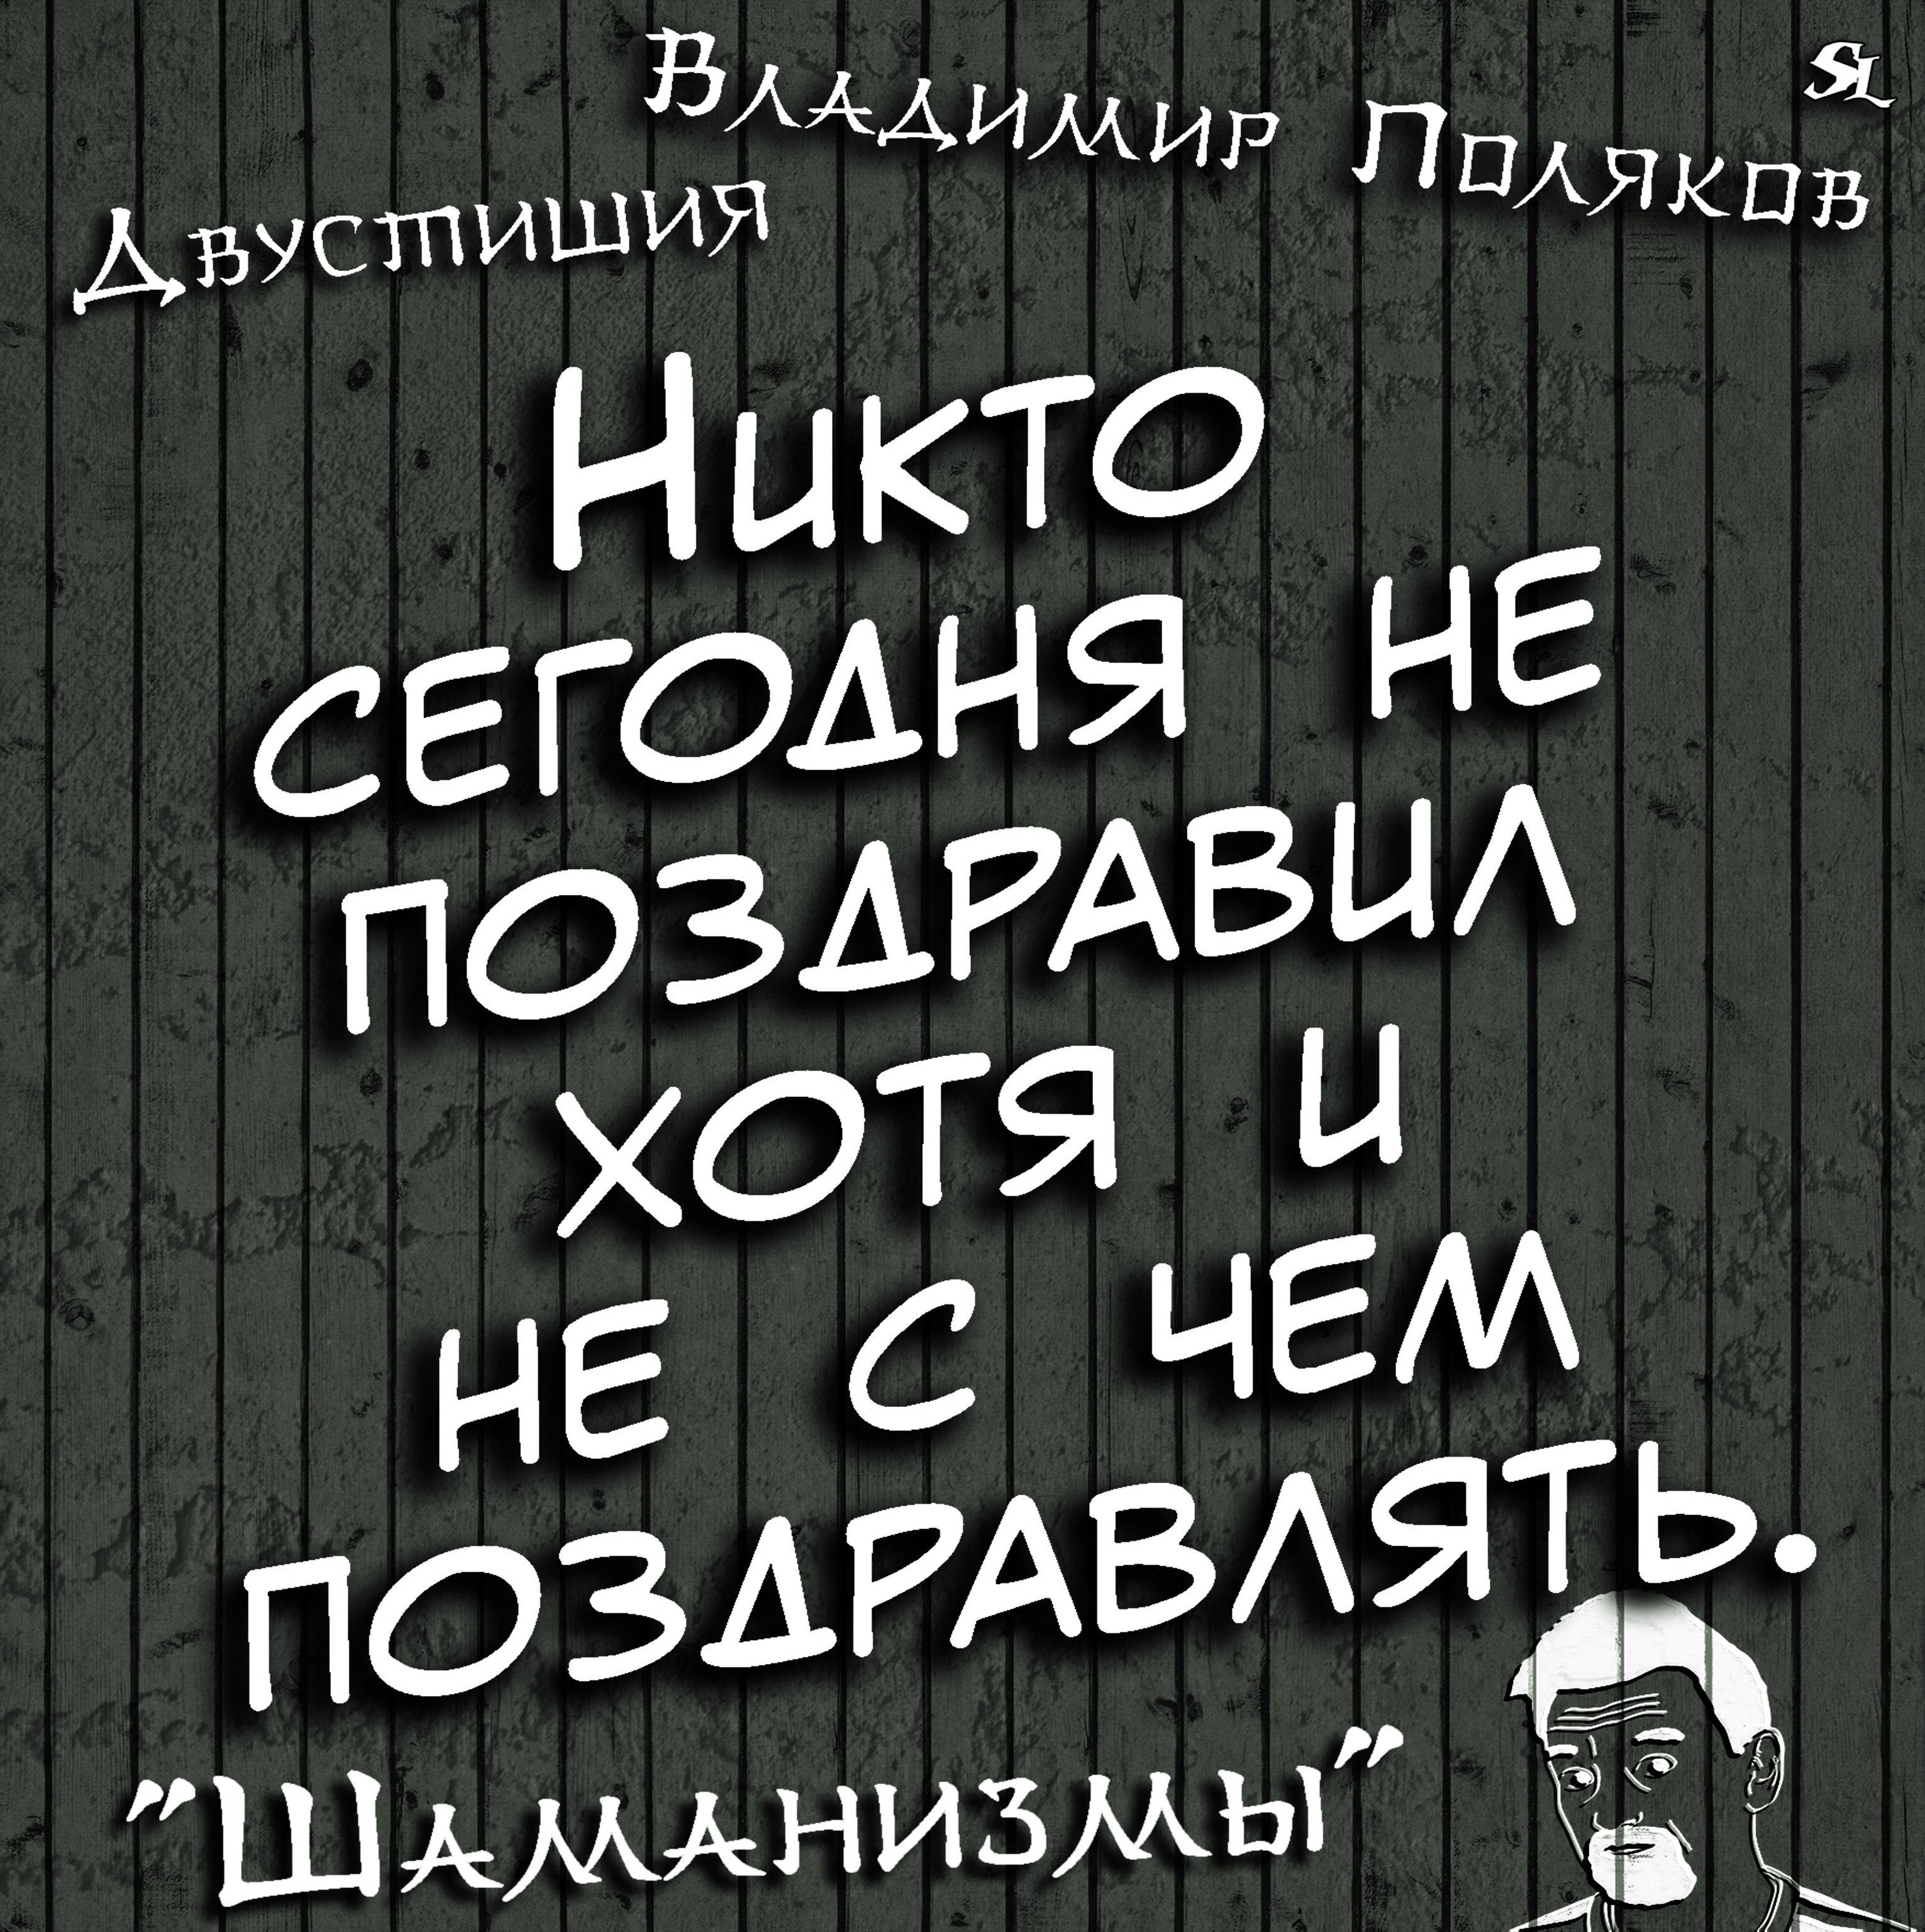 Dvostishie Shamanizmy Shutki Prikol Yumor Jokes Funny Humor Memes Shaman Ledentsov Sl Shaman Quotations Quotes Phrase Of The Day